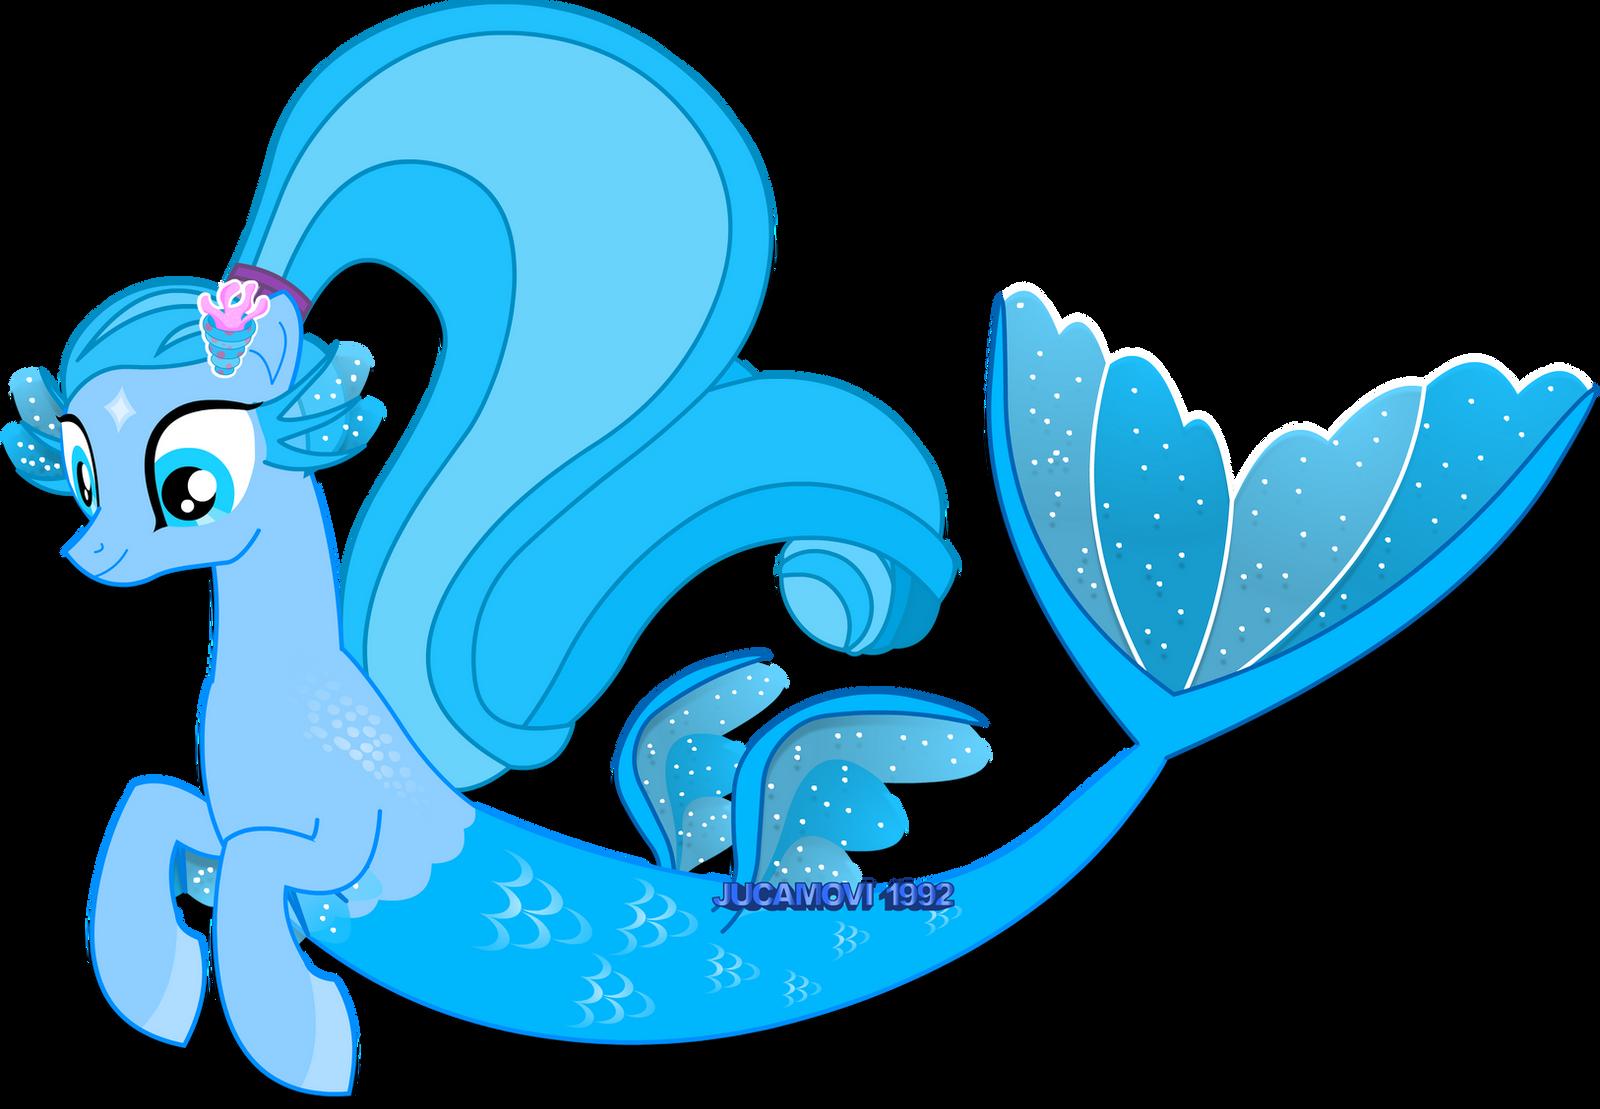 Mermaid Pony_Piscis by jucamovi1992